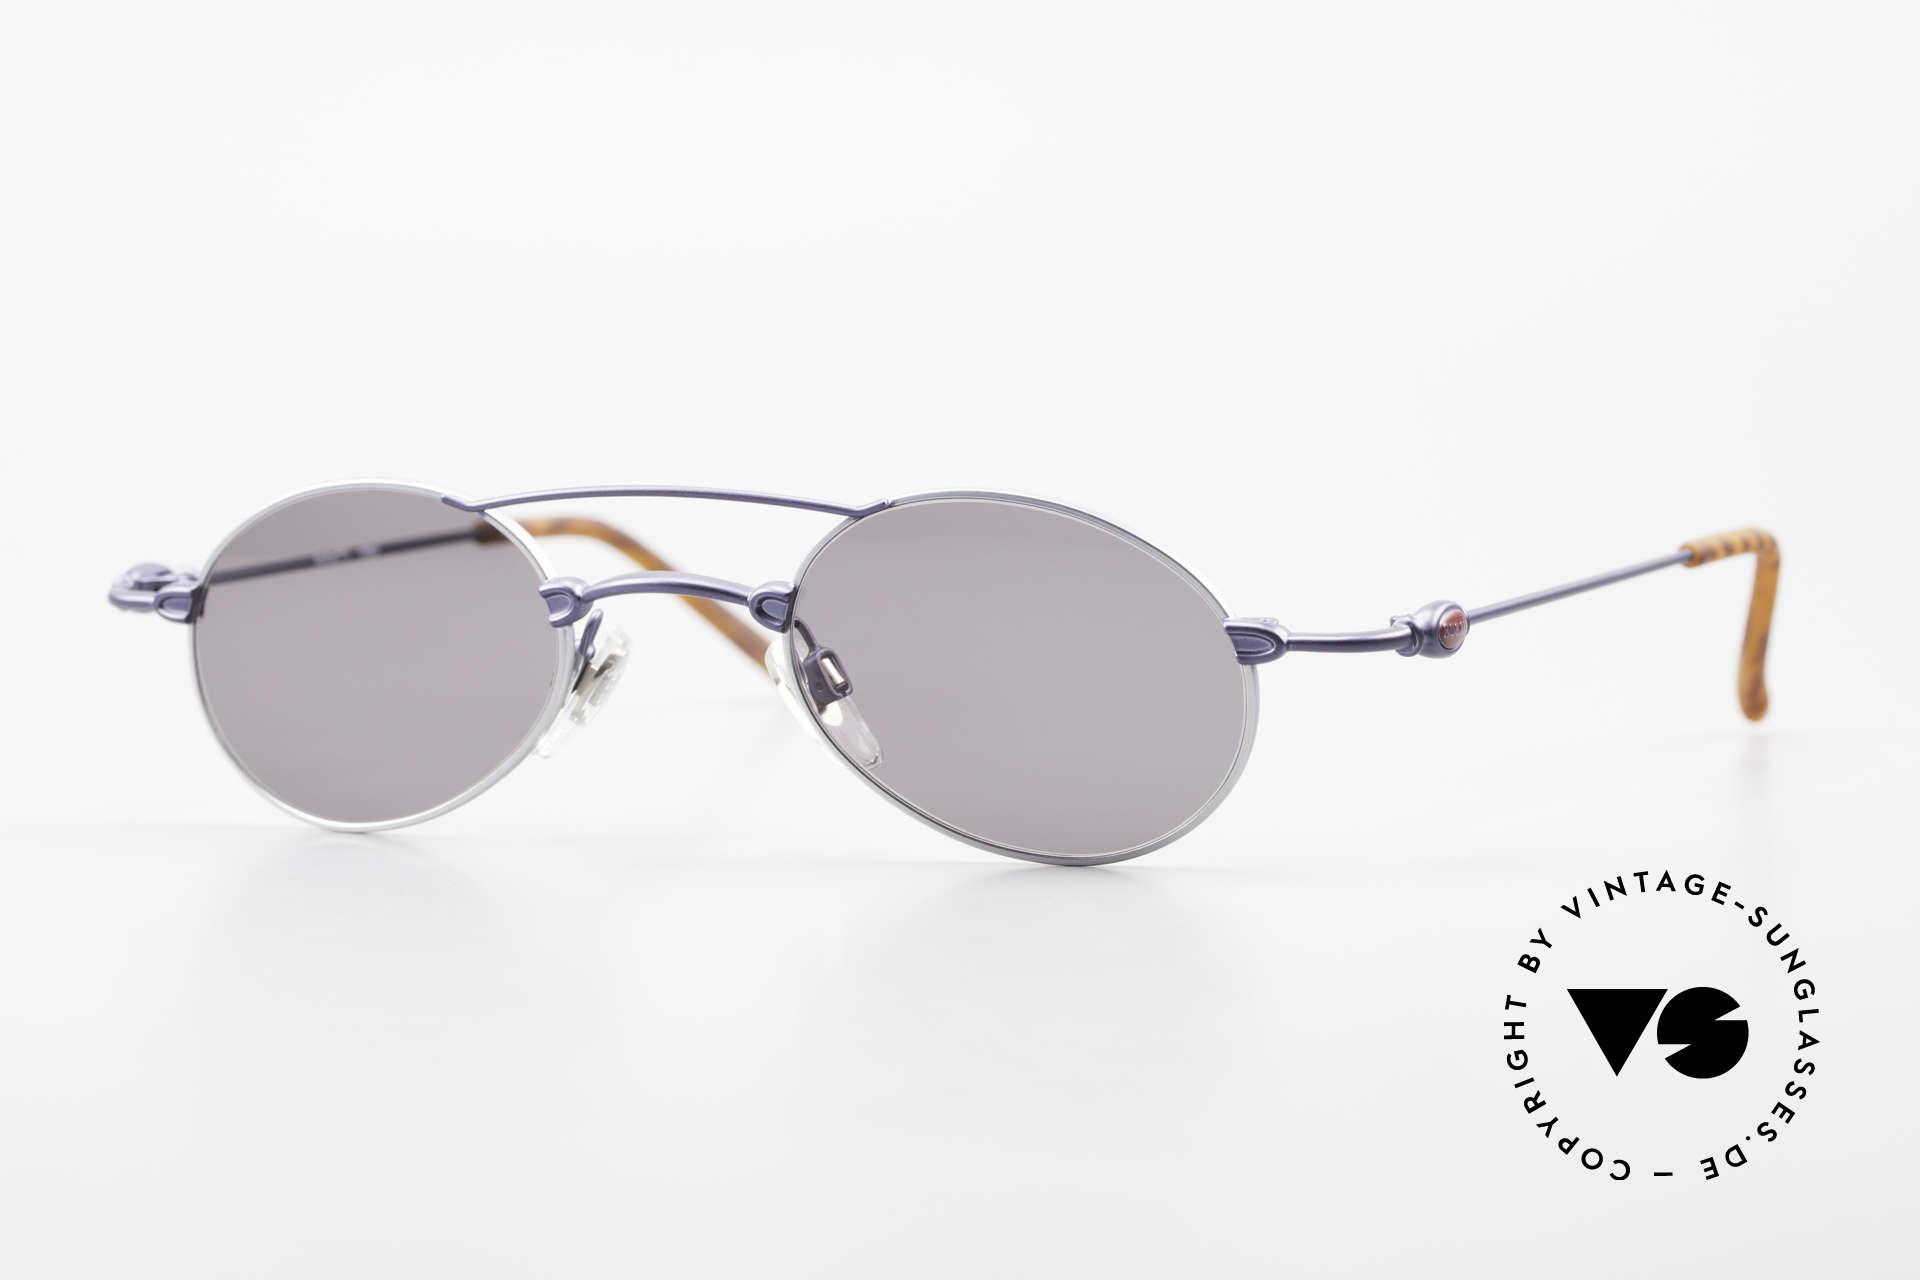 Bugatti 10864 Ovale Luxus Sonnenbrille Men, sehr feine und leichte Designer-Fassung von BUGATTI, Passend für Herren